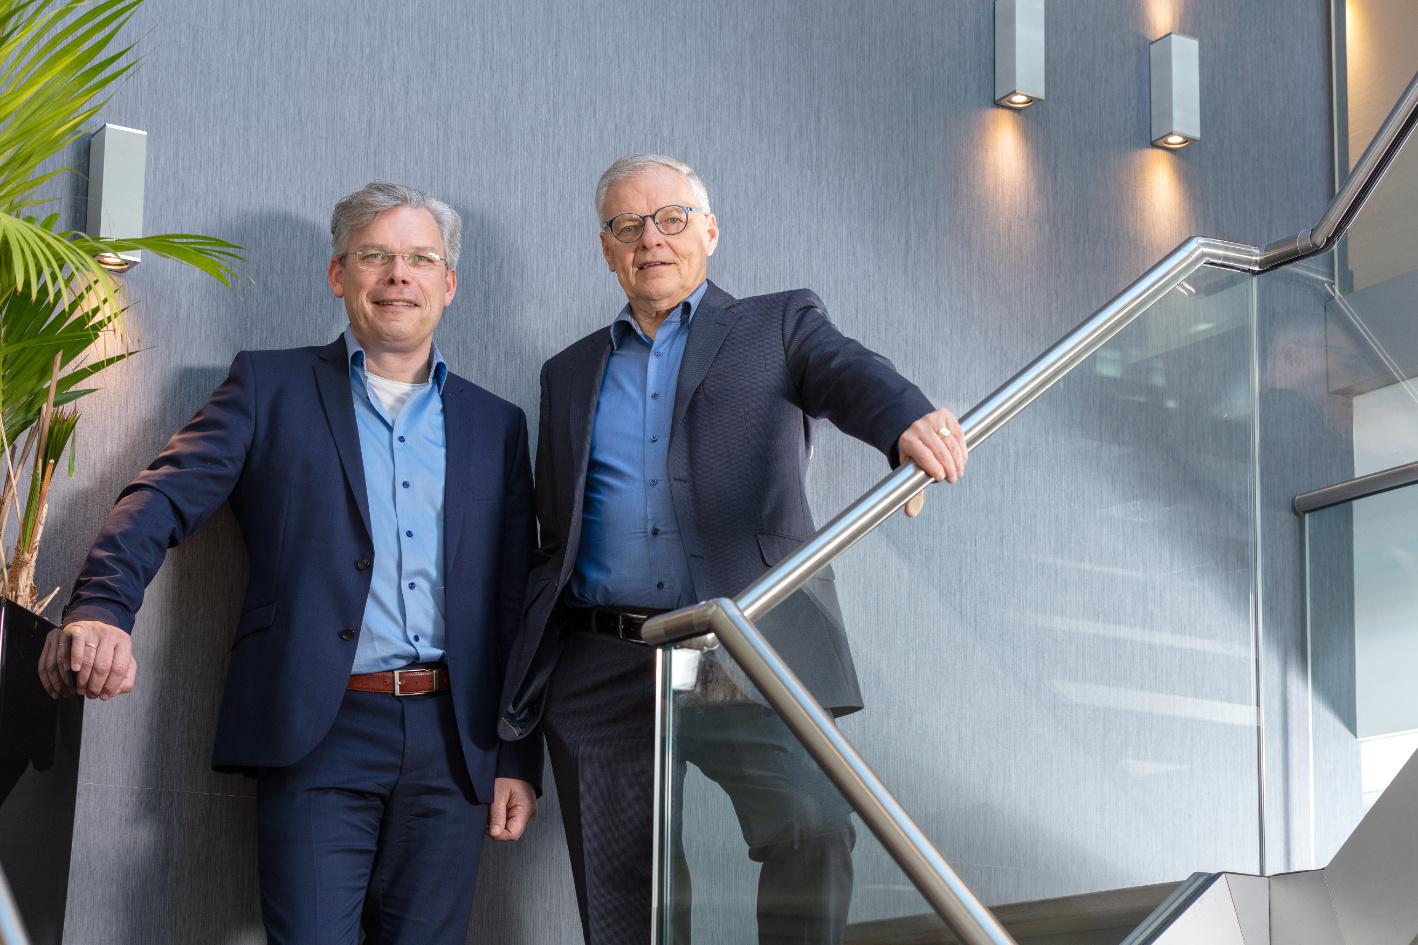 Eigenaren Hendriksen accountants en adviseurs